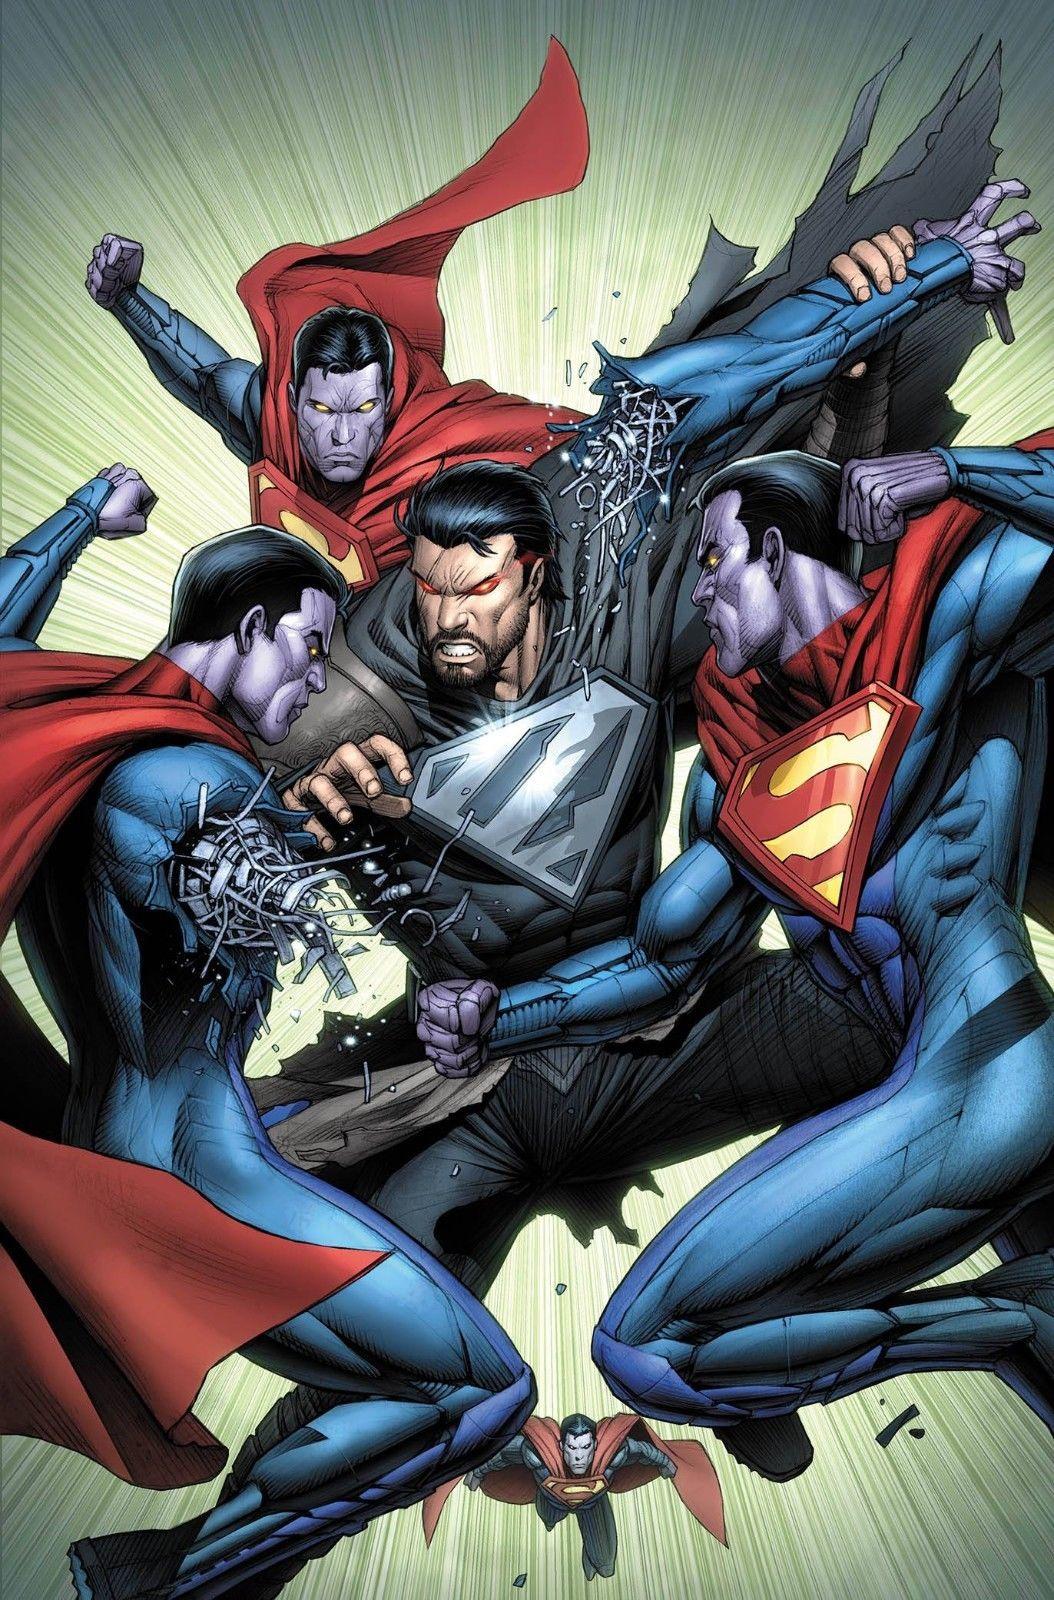 Dru-Zod (Injustice)